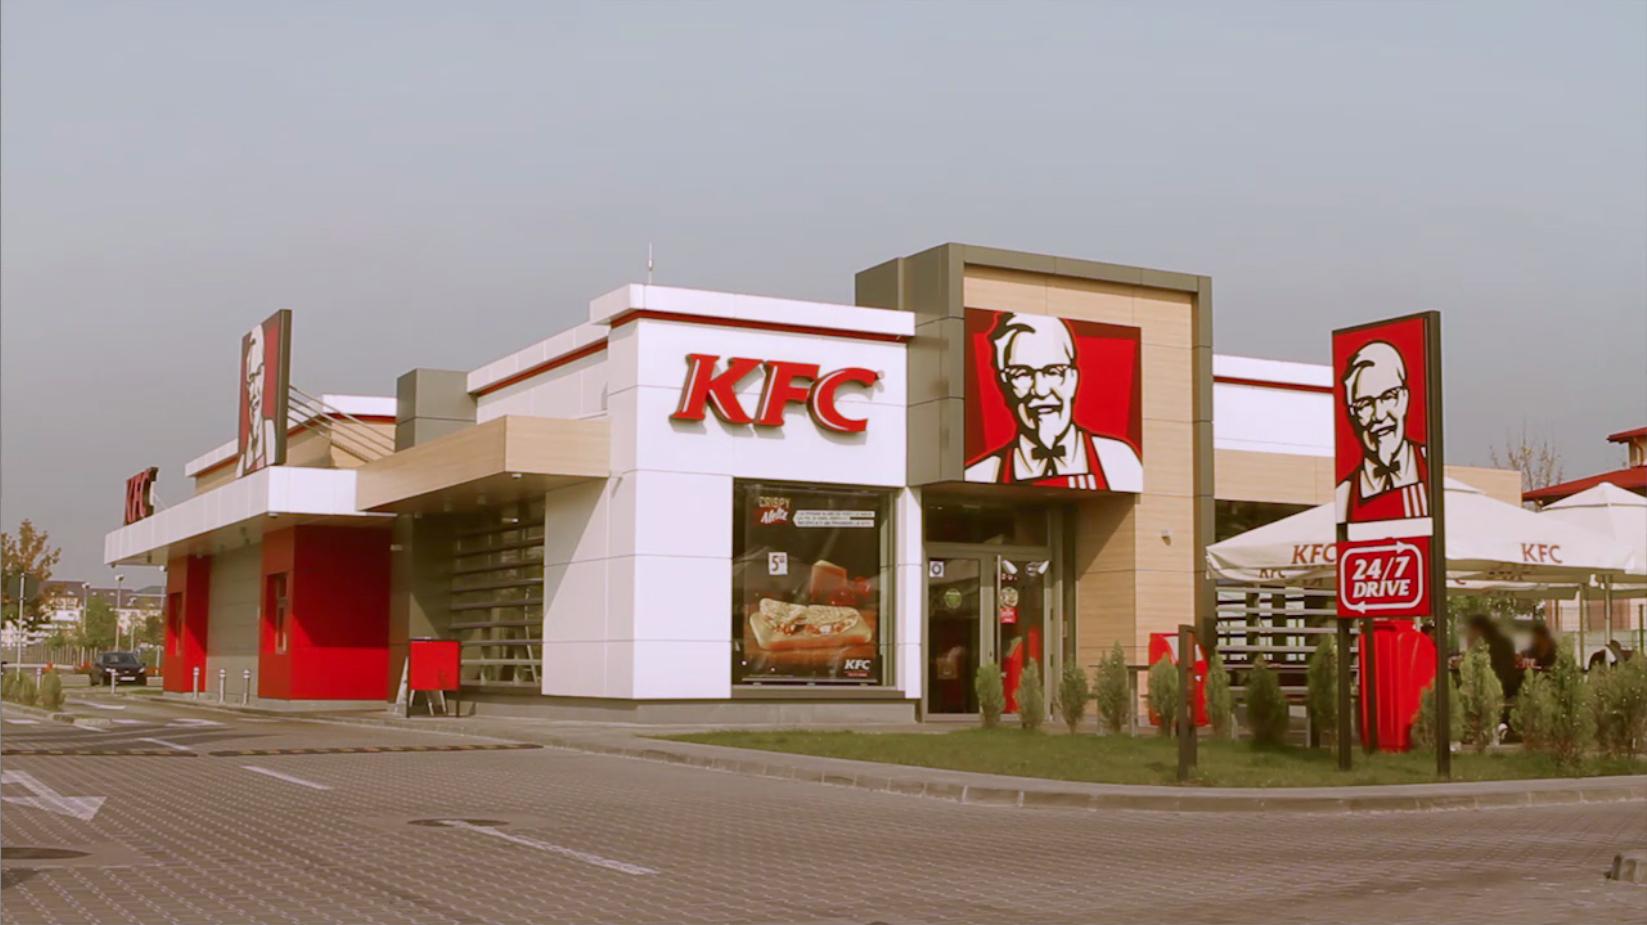 Restaurantul KFC cu cel mai bun design din lume in 2014